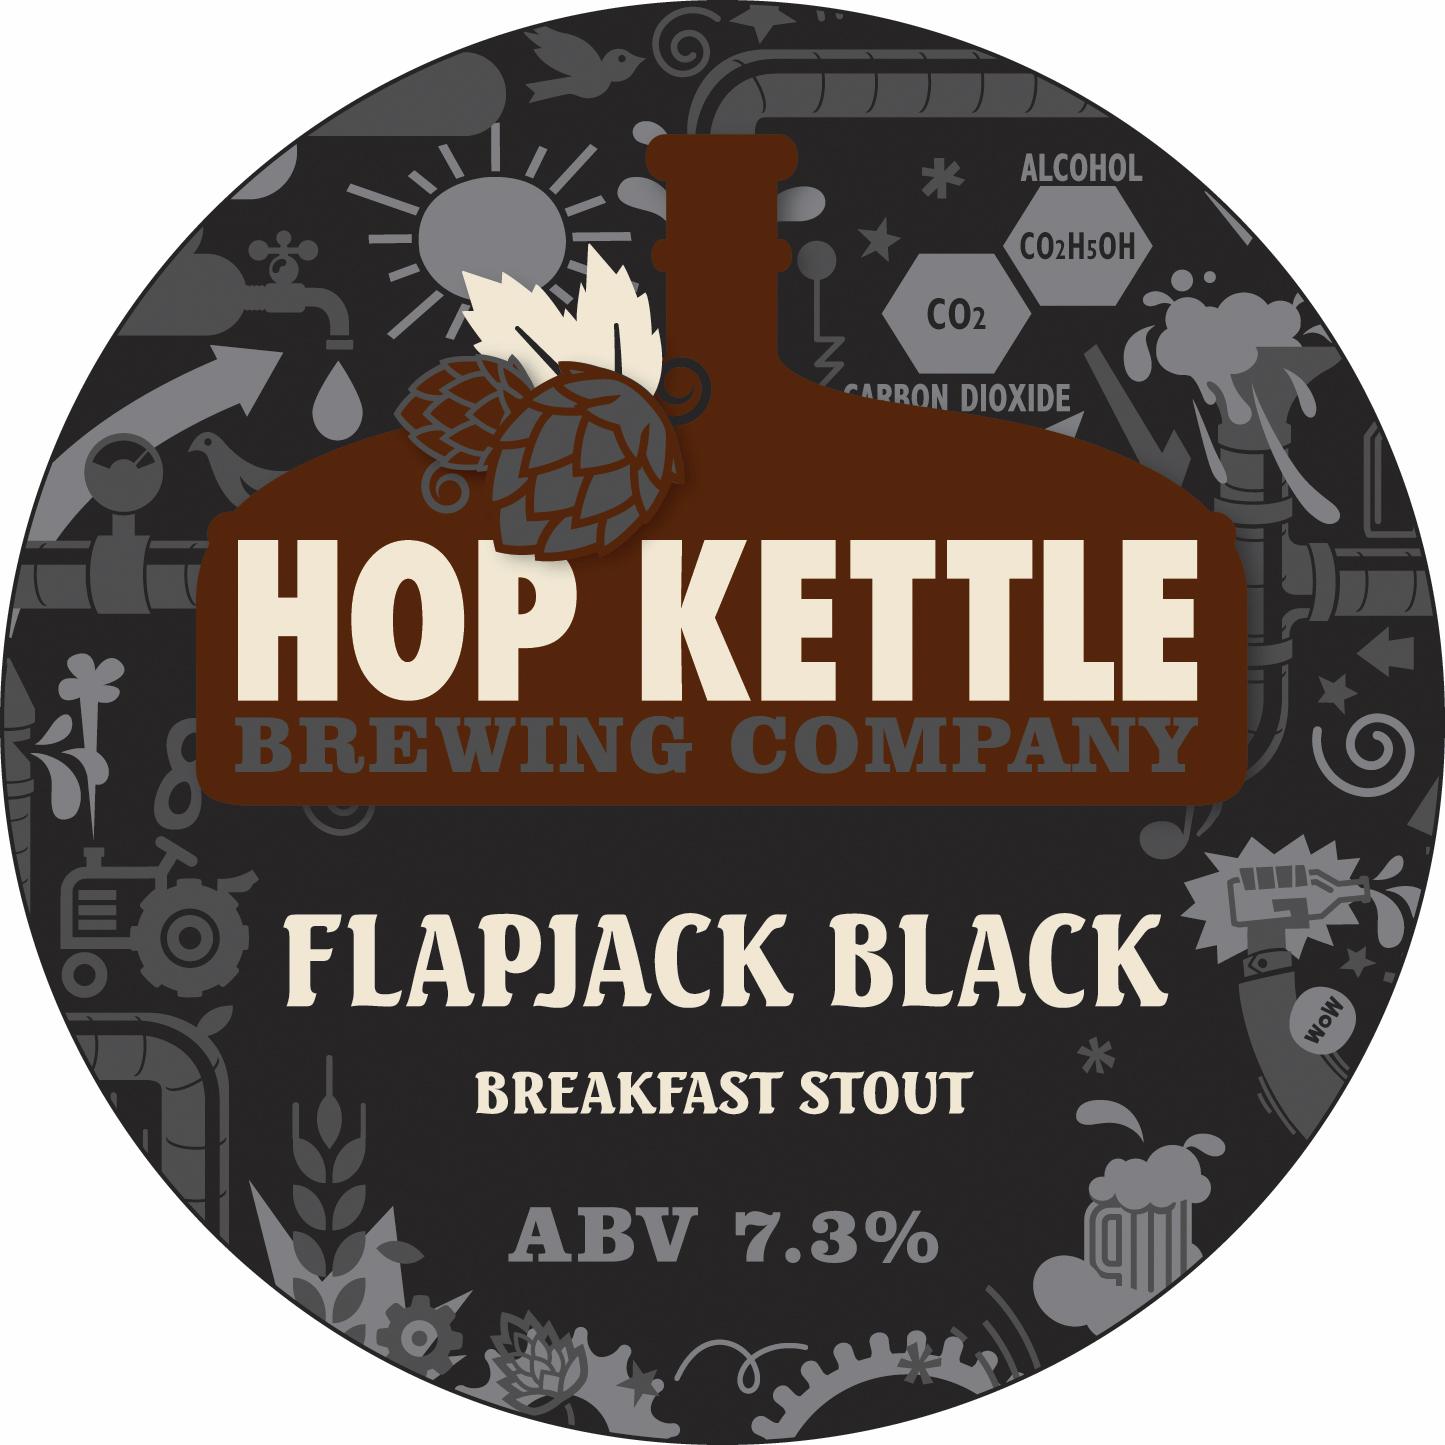 Hop Kettle Flapjack Black